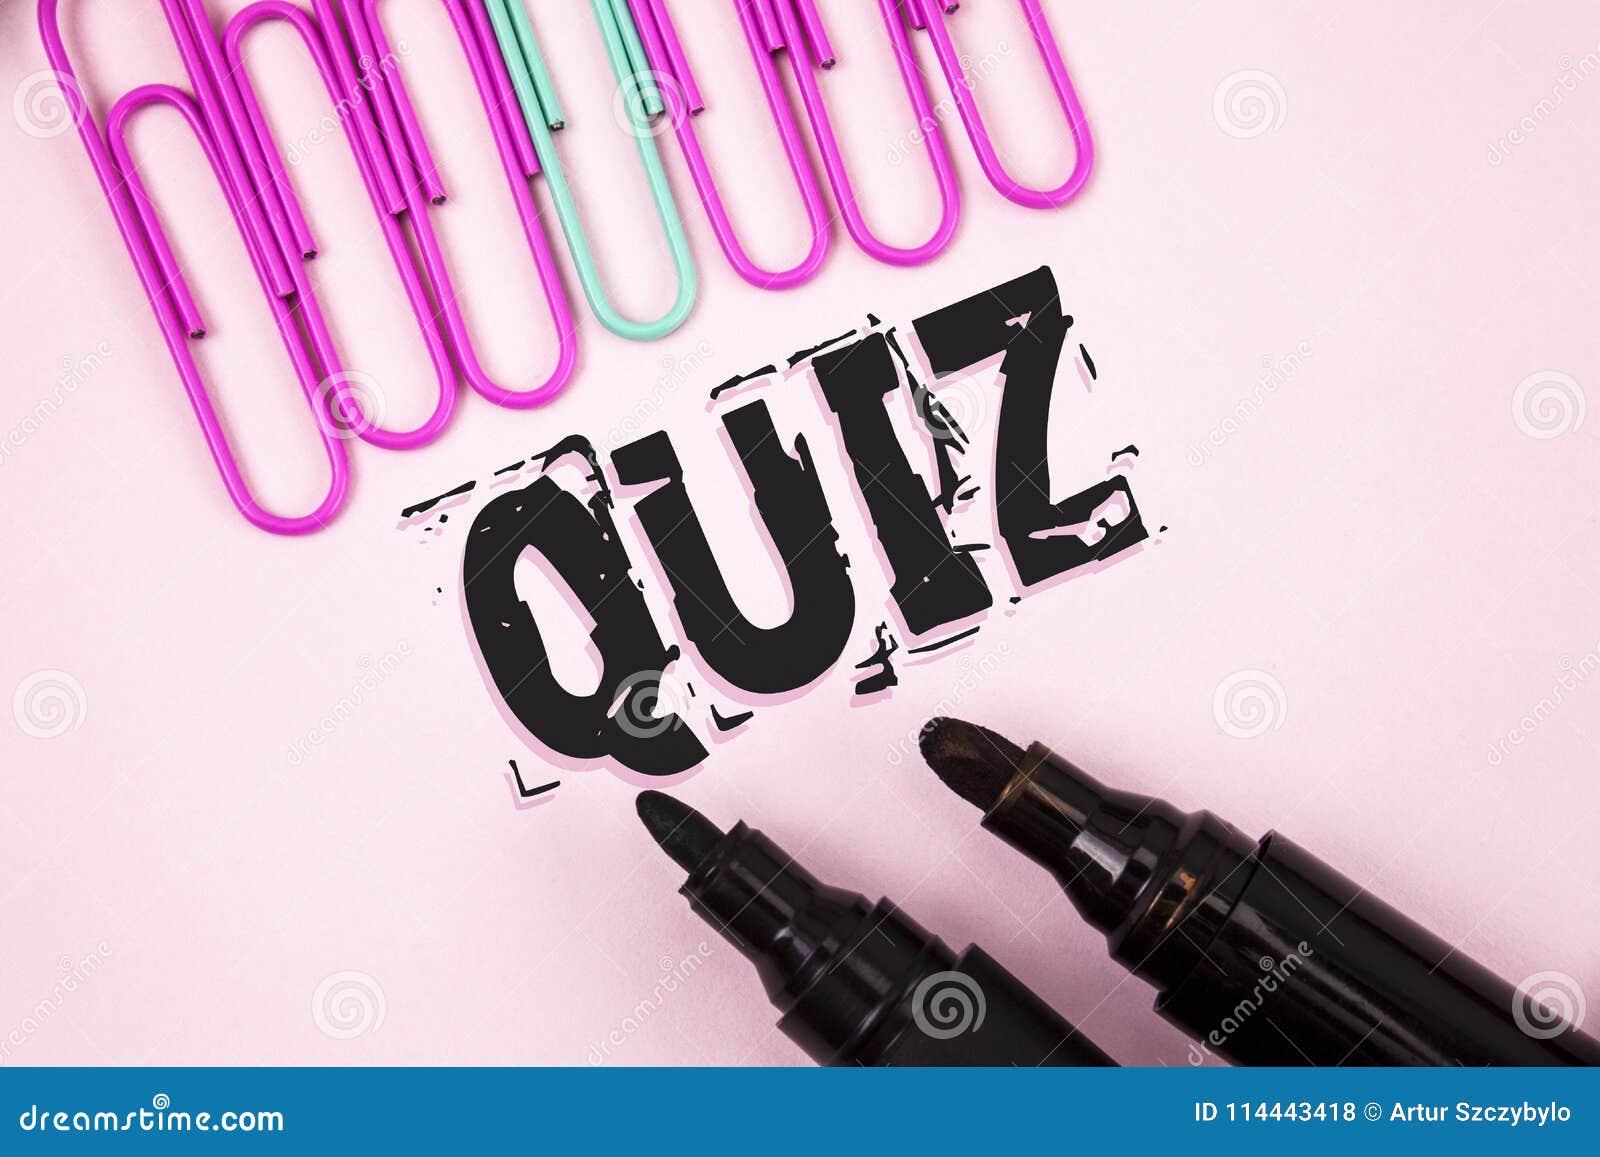 Circuito Significado : Concurso del texto de la escritura el cortocircuito del significado